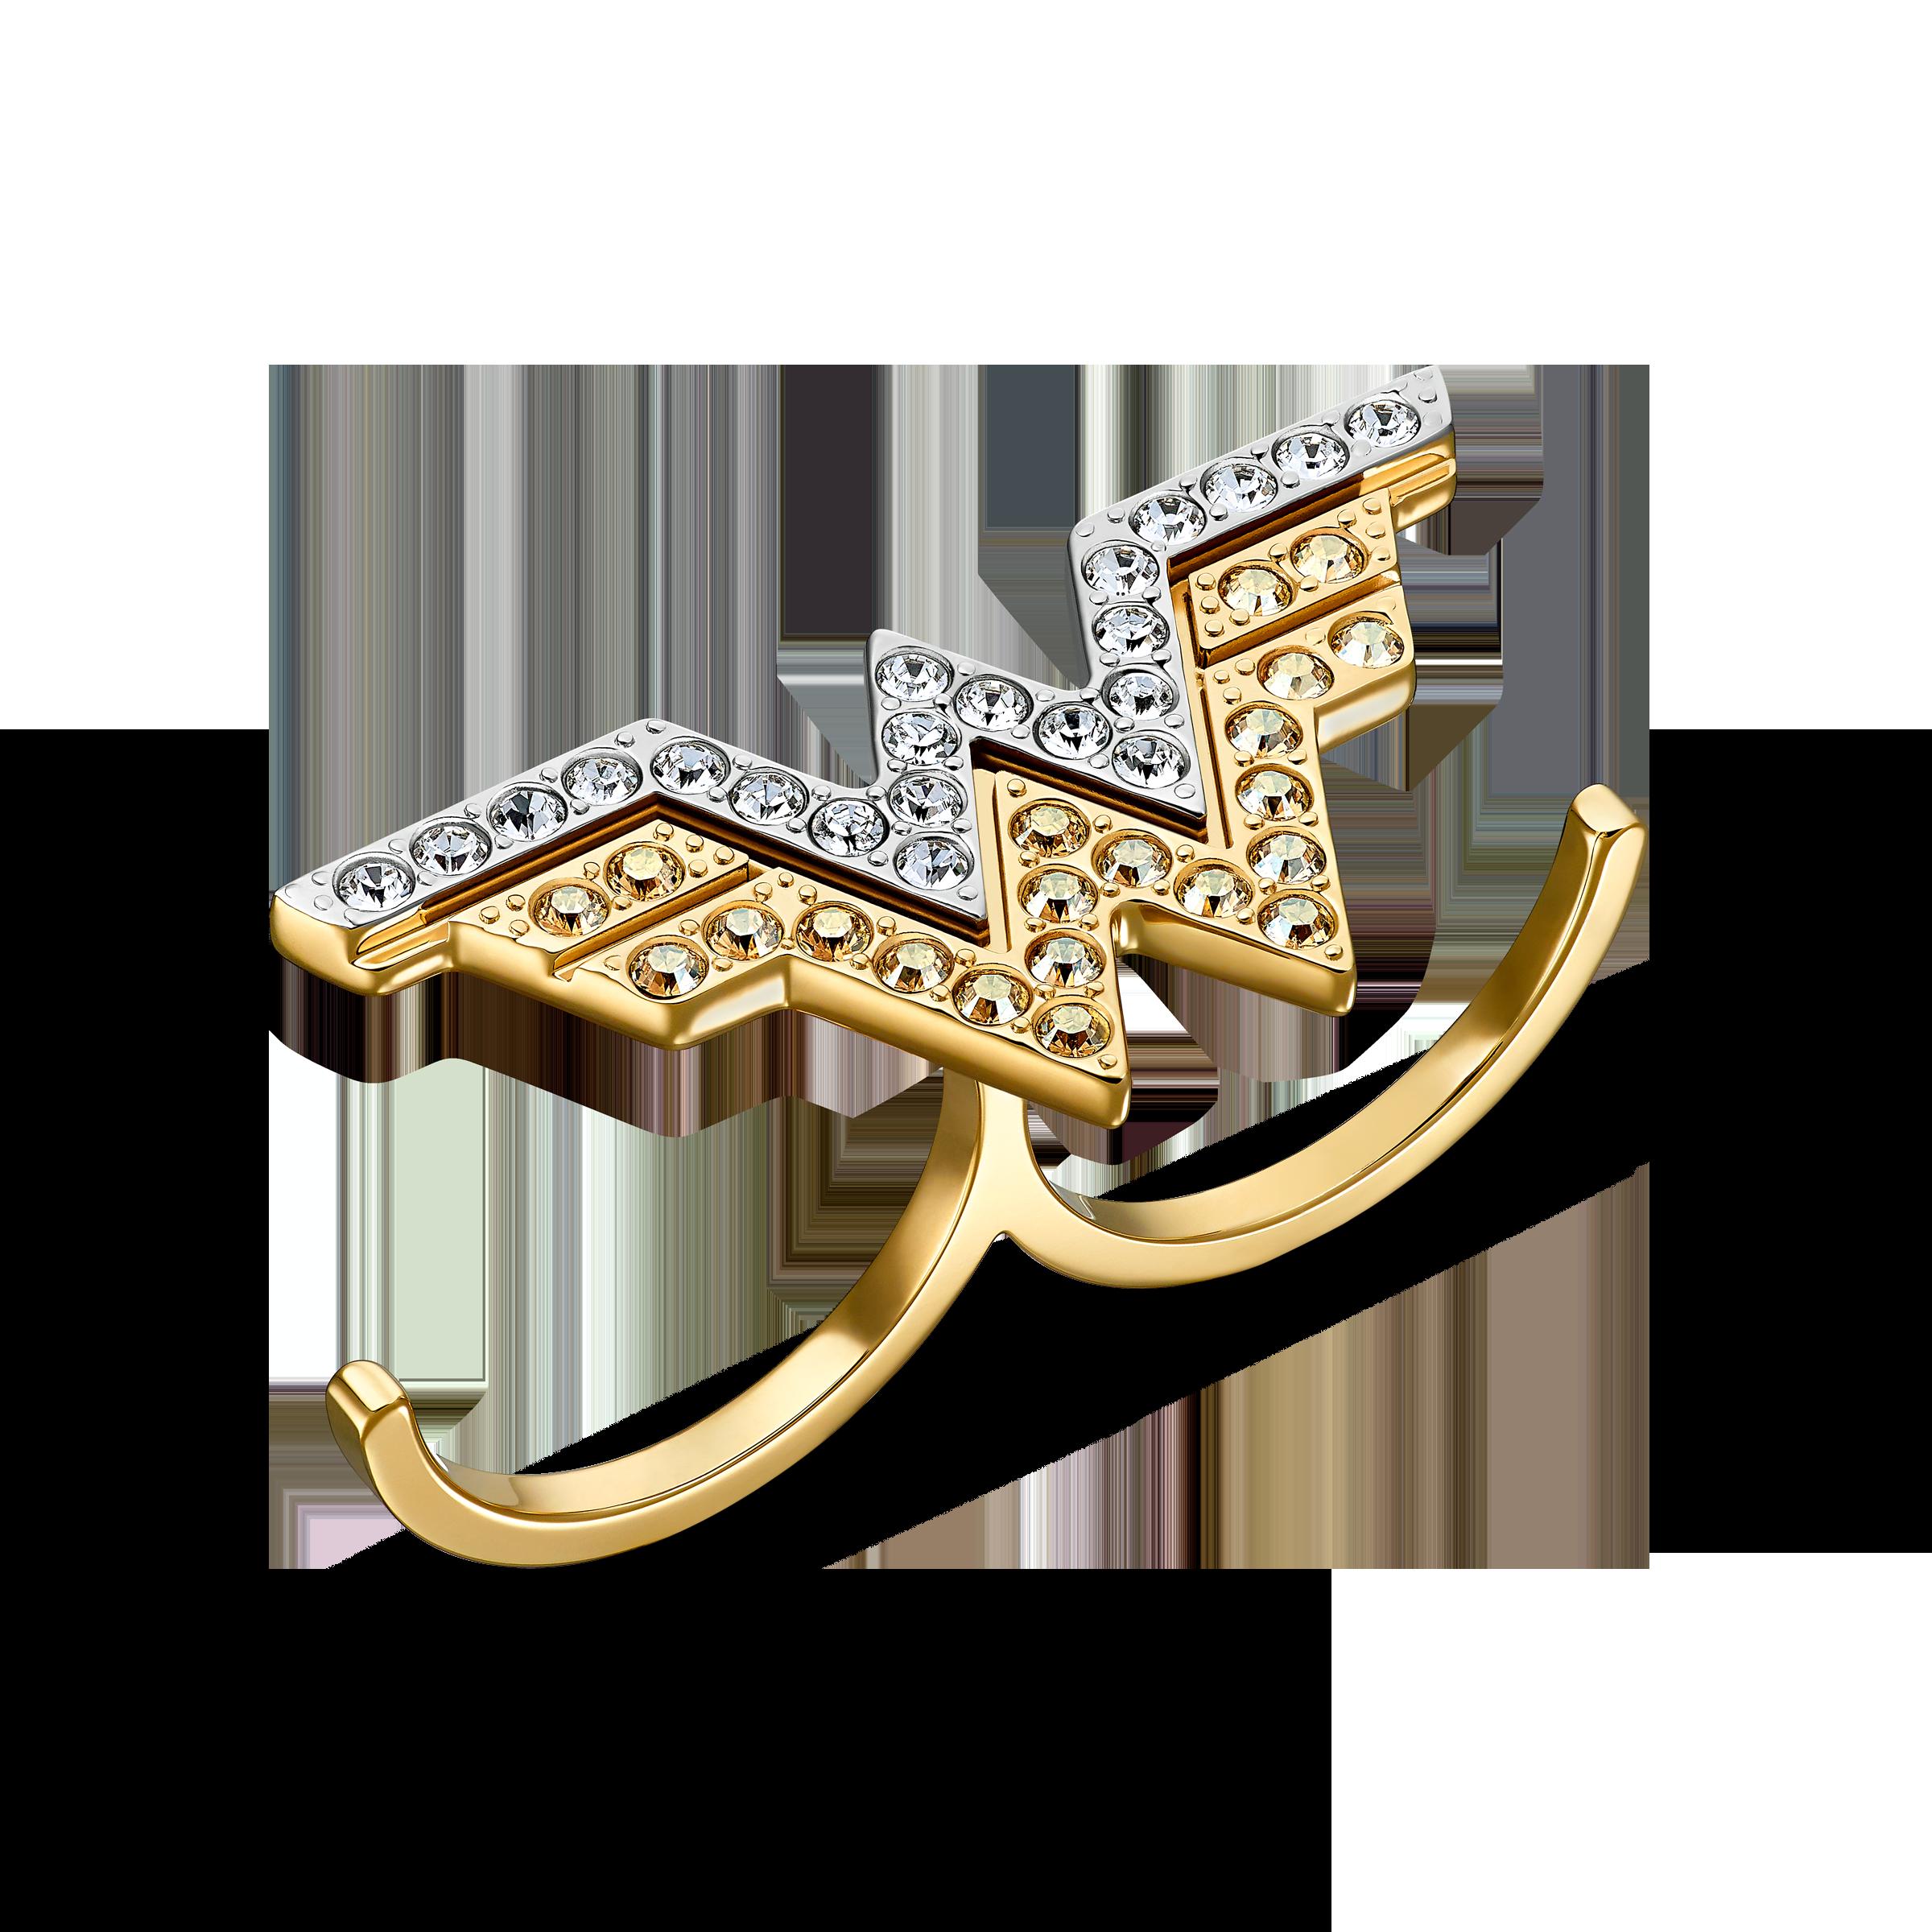 خاتم Fit Wonder Woman مزدوج، لون الذهبي، لمسة نهائية من معادن مختلطة